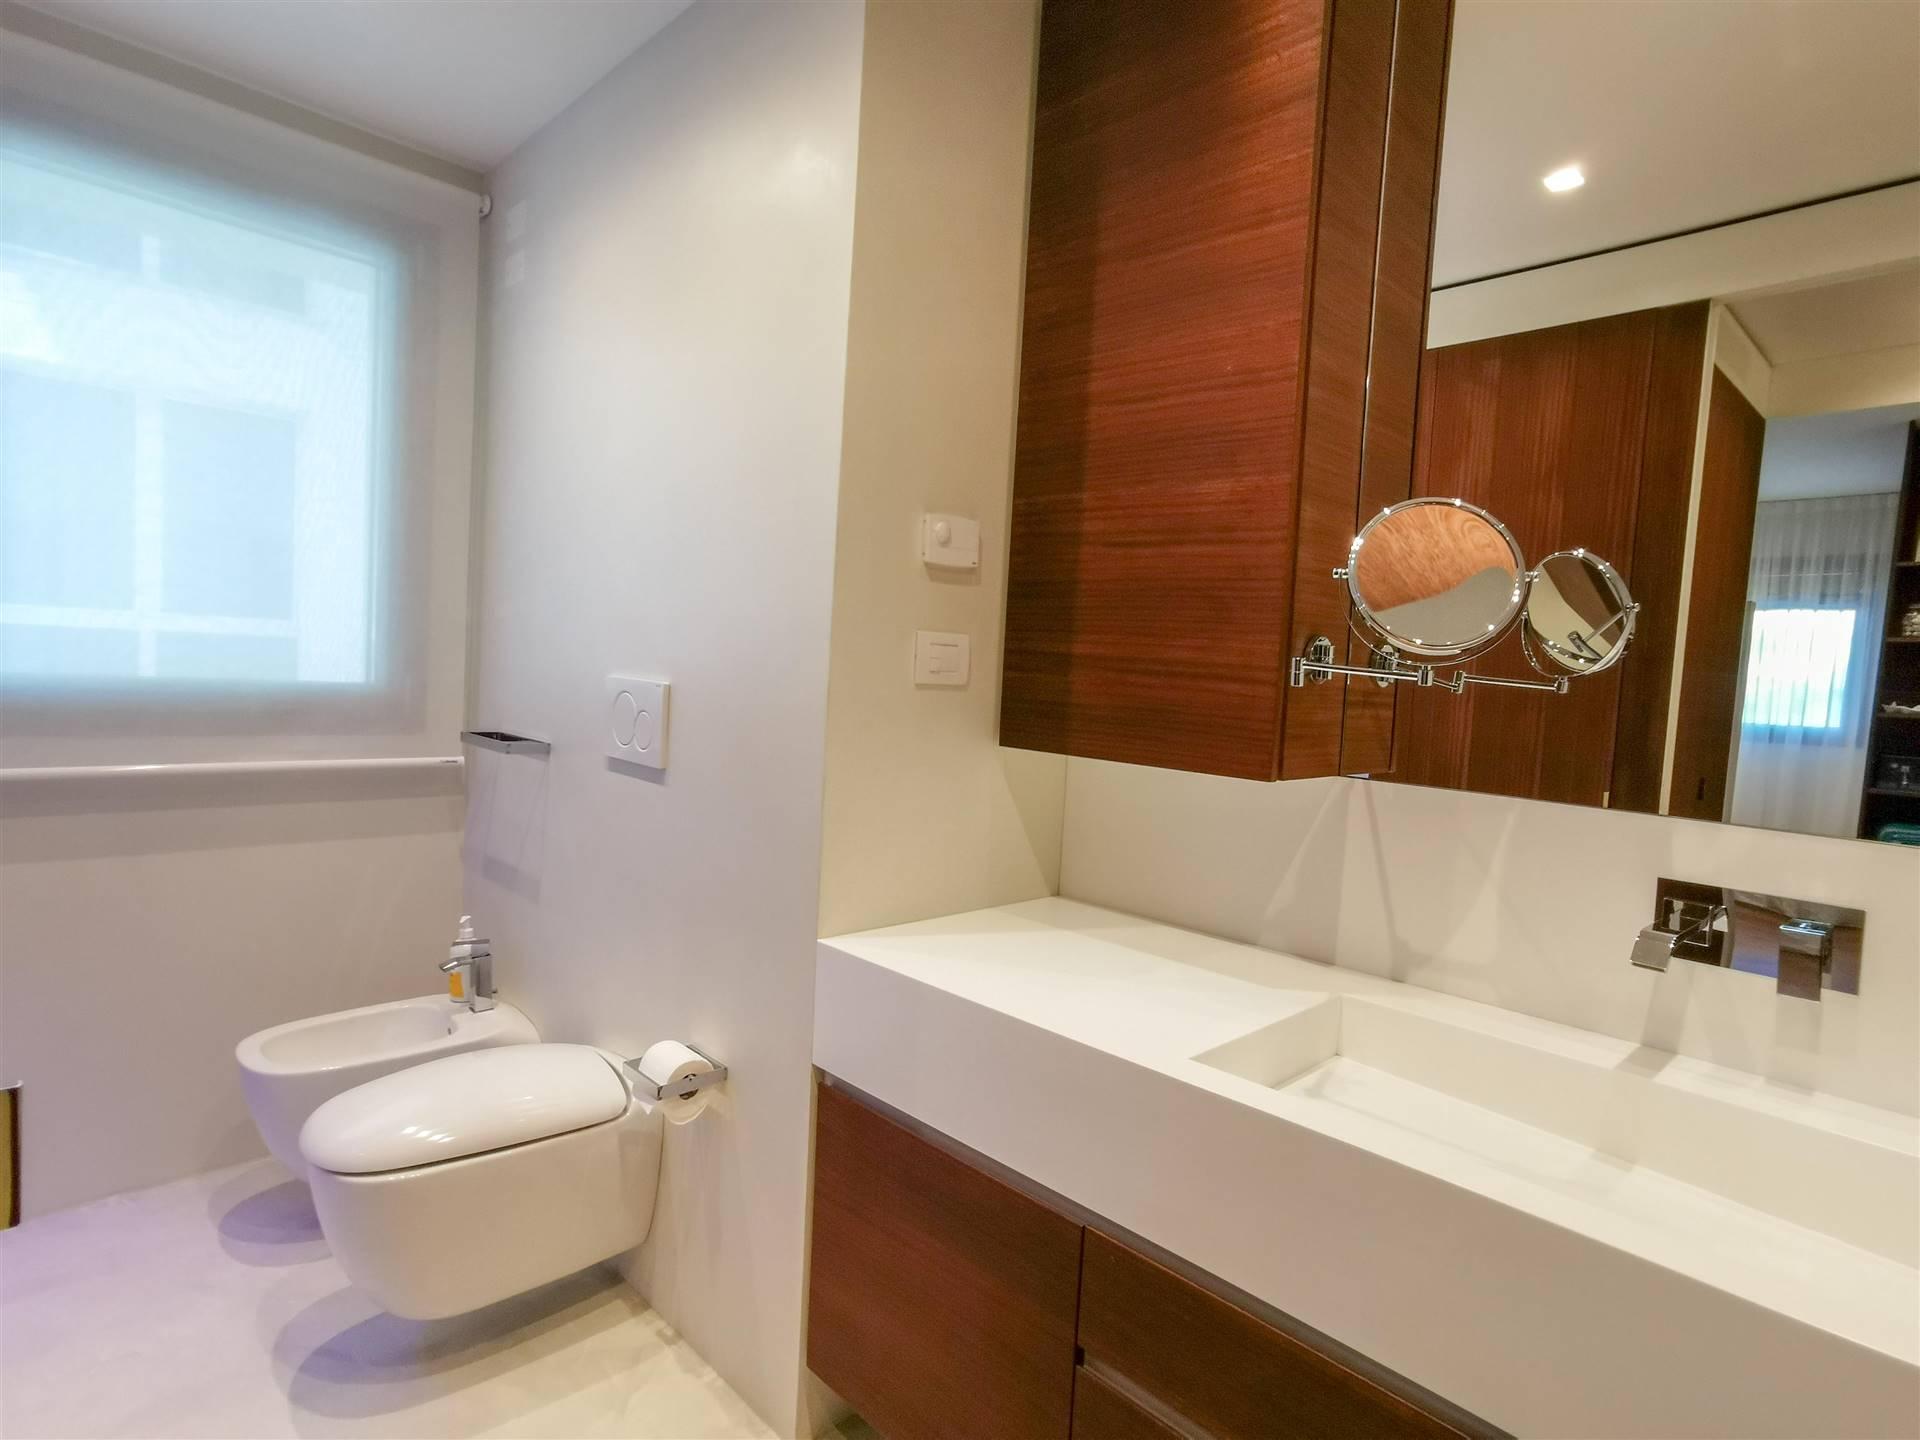 JESOLO Appartamento con due camere signorile con domotica Foto 18